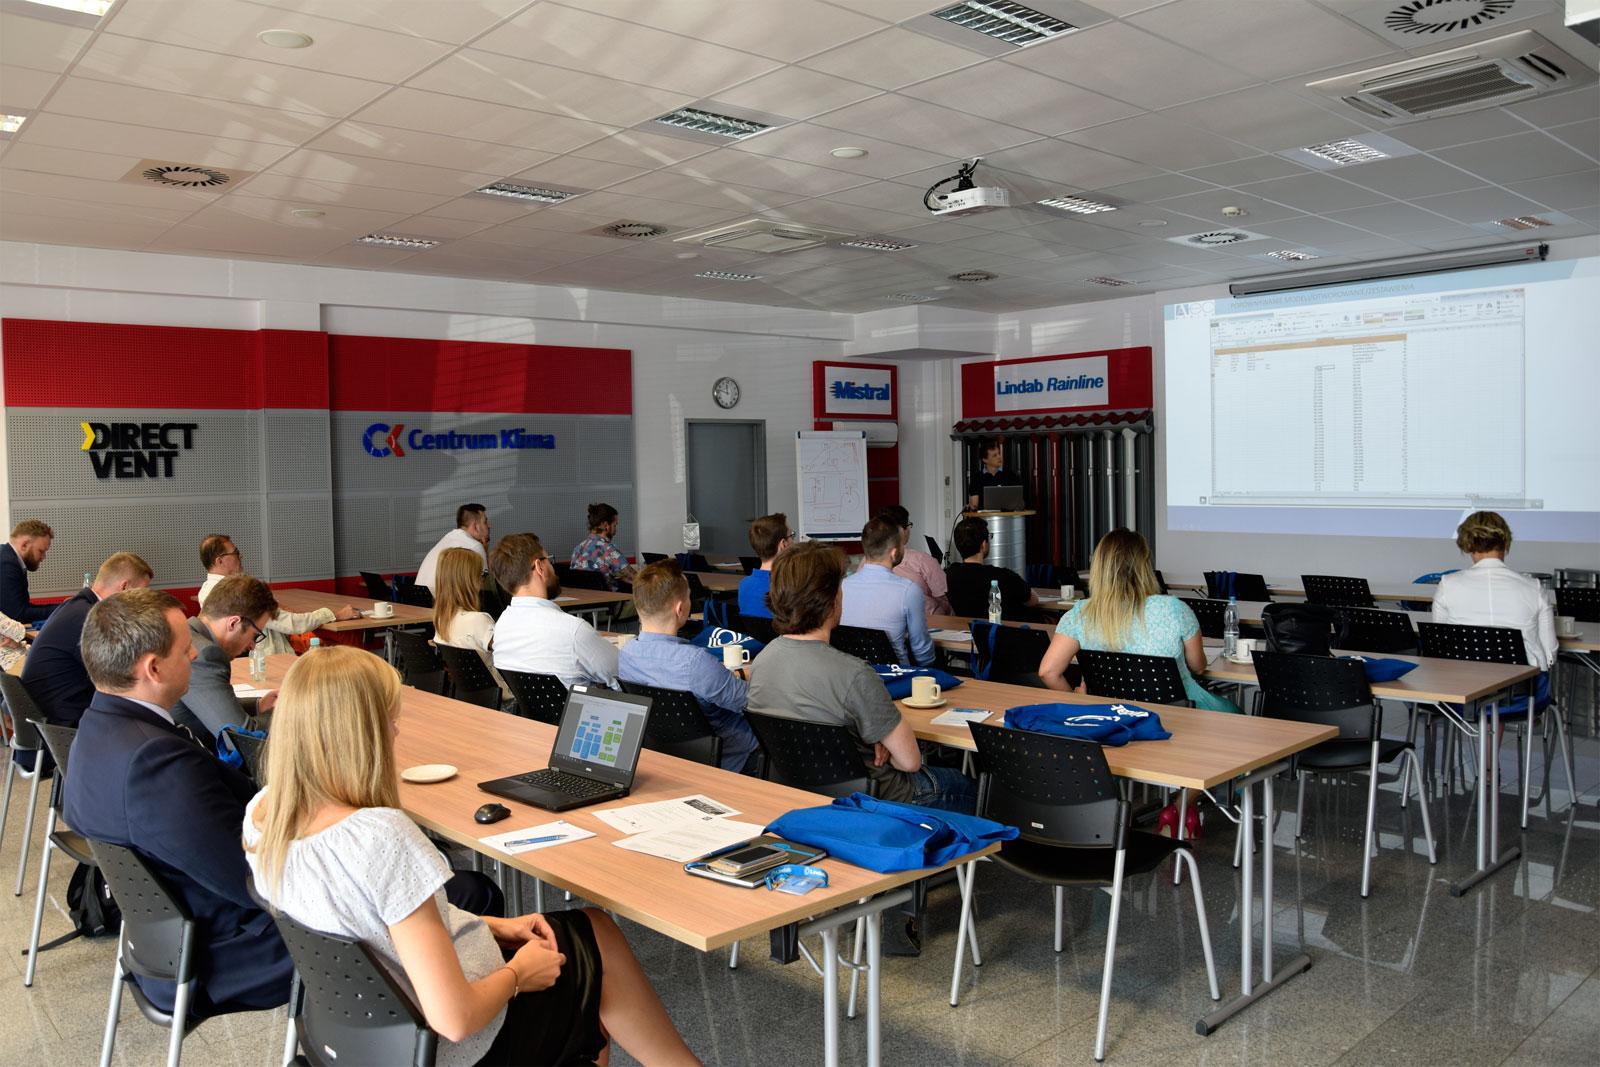 bim dla instalatorow szkolenie lindab i aec design2 - BIM dla Instalatorów – szkolenie Lindab i AEC Design